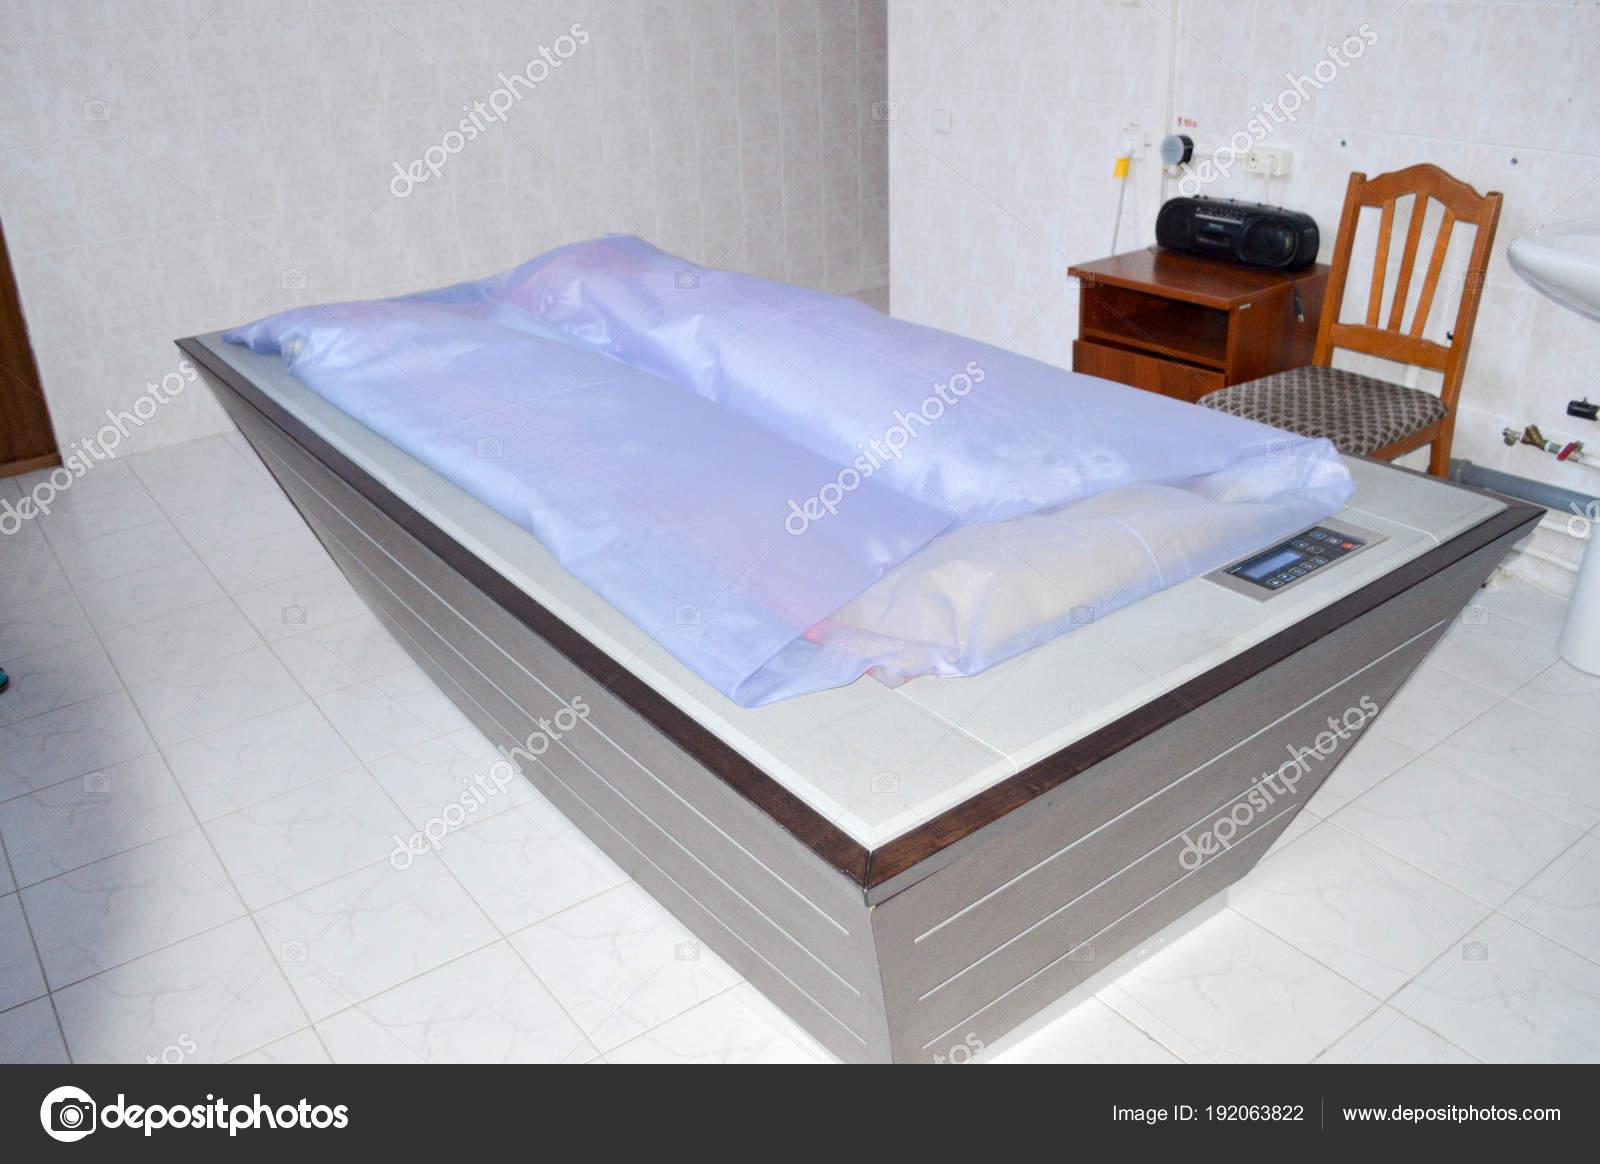 Camera con letto acqua massaggio massaggio medico rilassamento